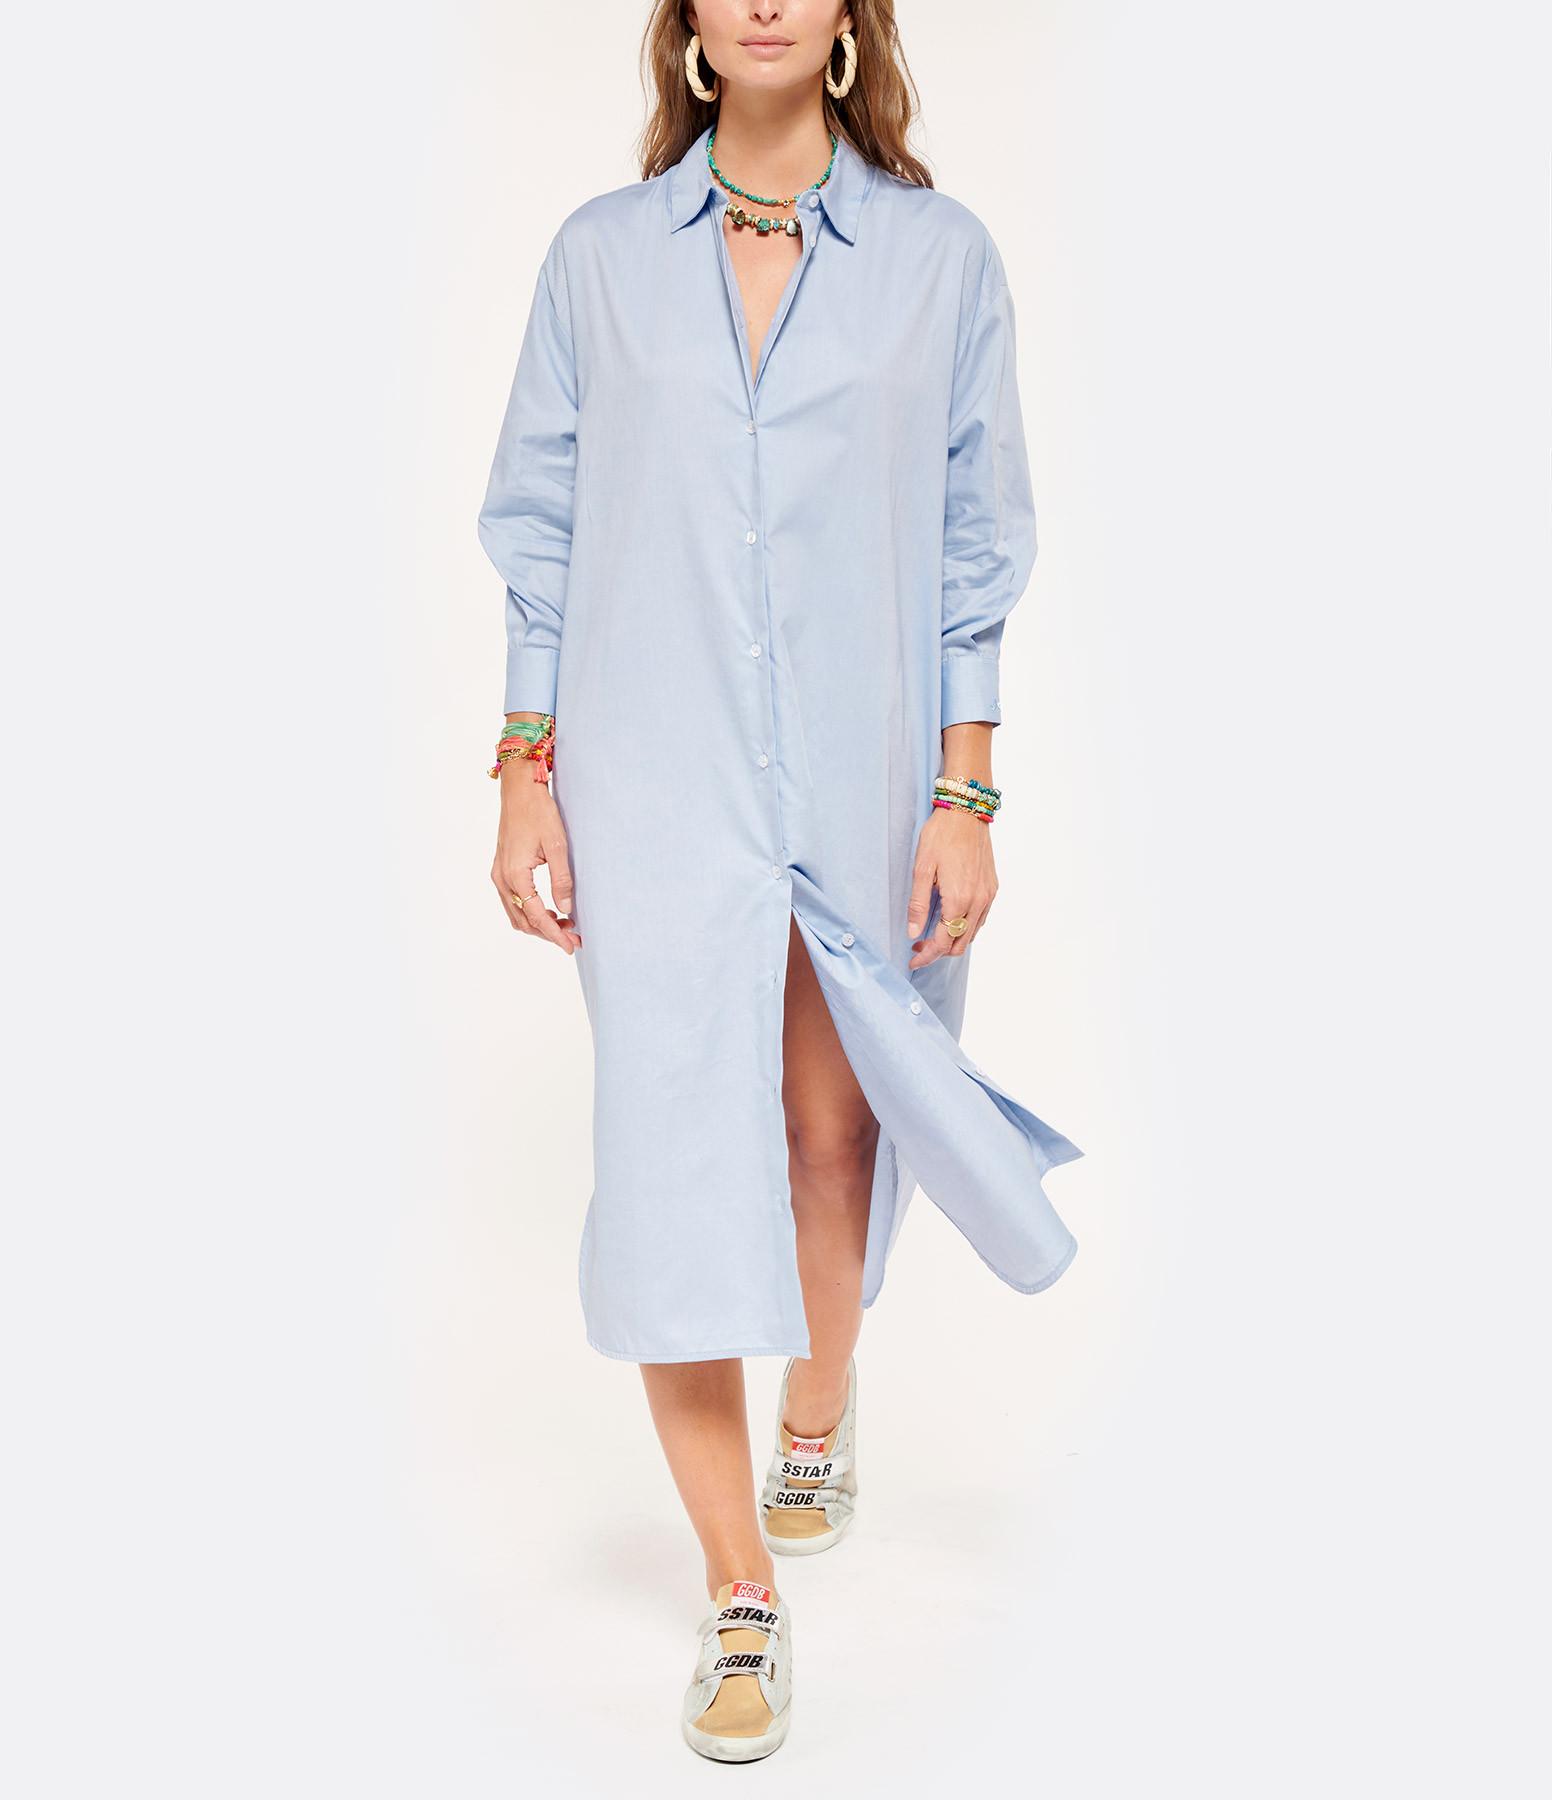 JEANNE VOULAND - Robe Chemise Faily Bleu Clair